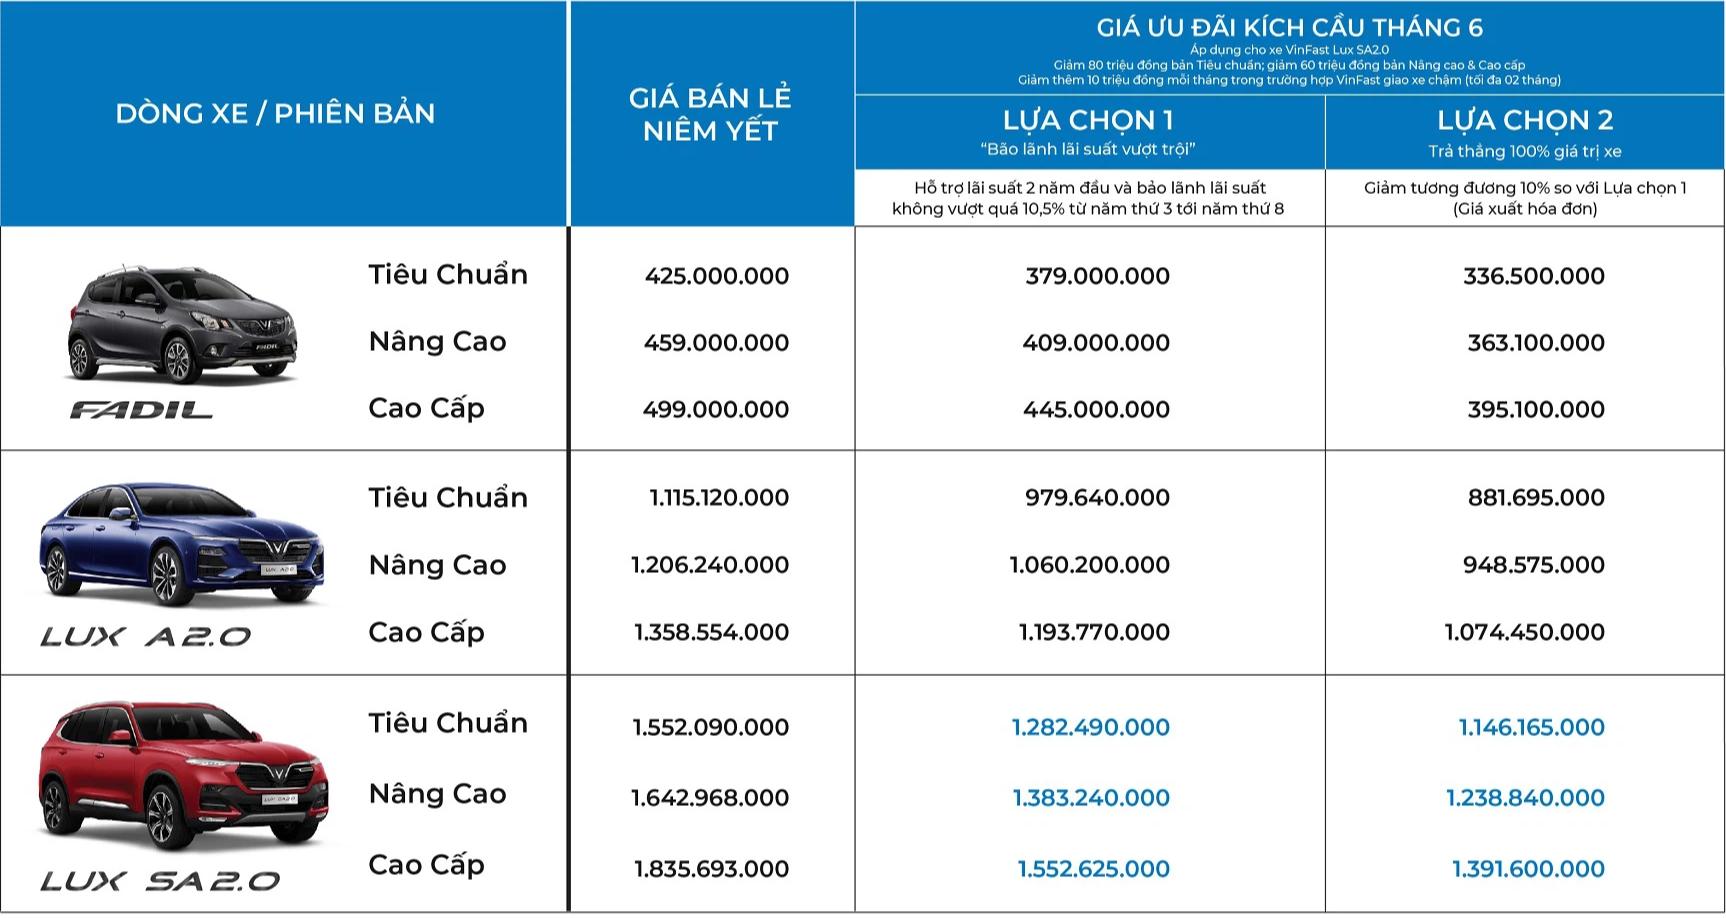 VinFast giảm 80 triệu đồng cho một số dòng xe, cam kết bù 10 triệu đồng cho mỗi tháng khách hàng bị giao xe chậm - Ảnh 2.